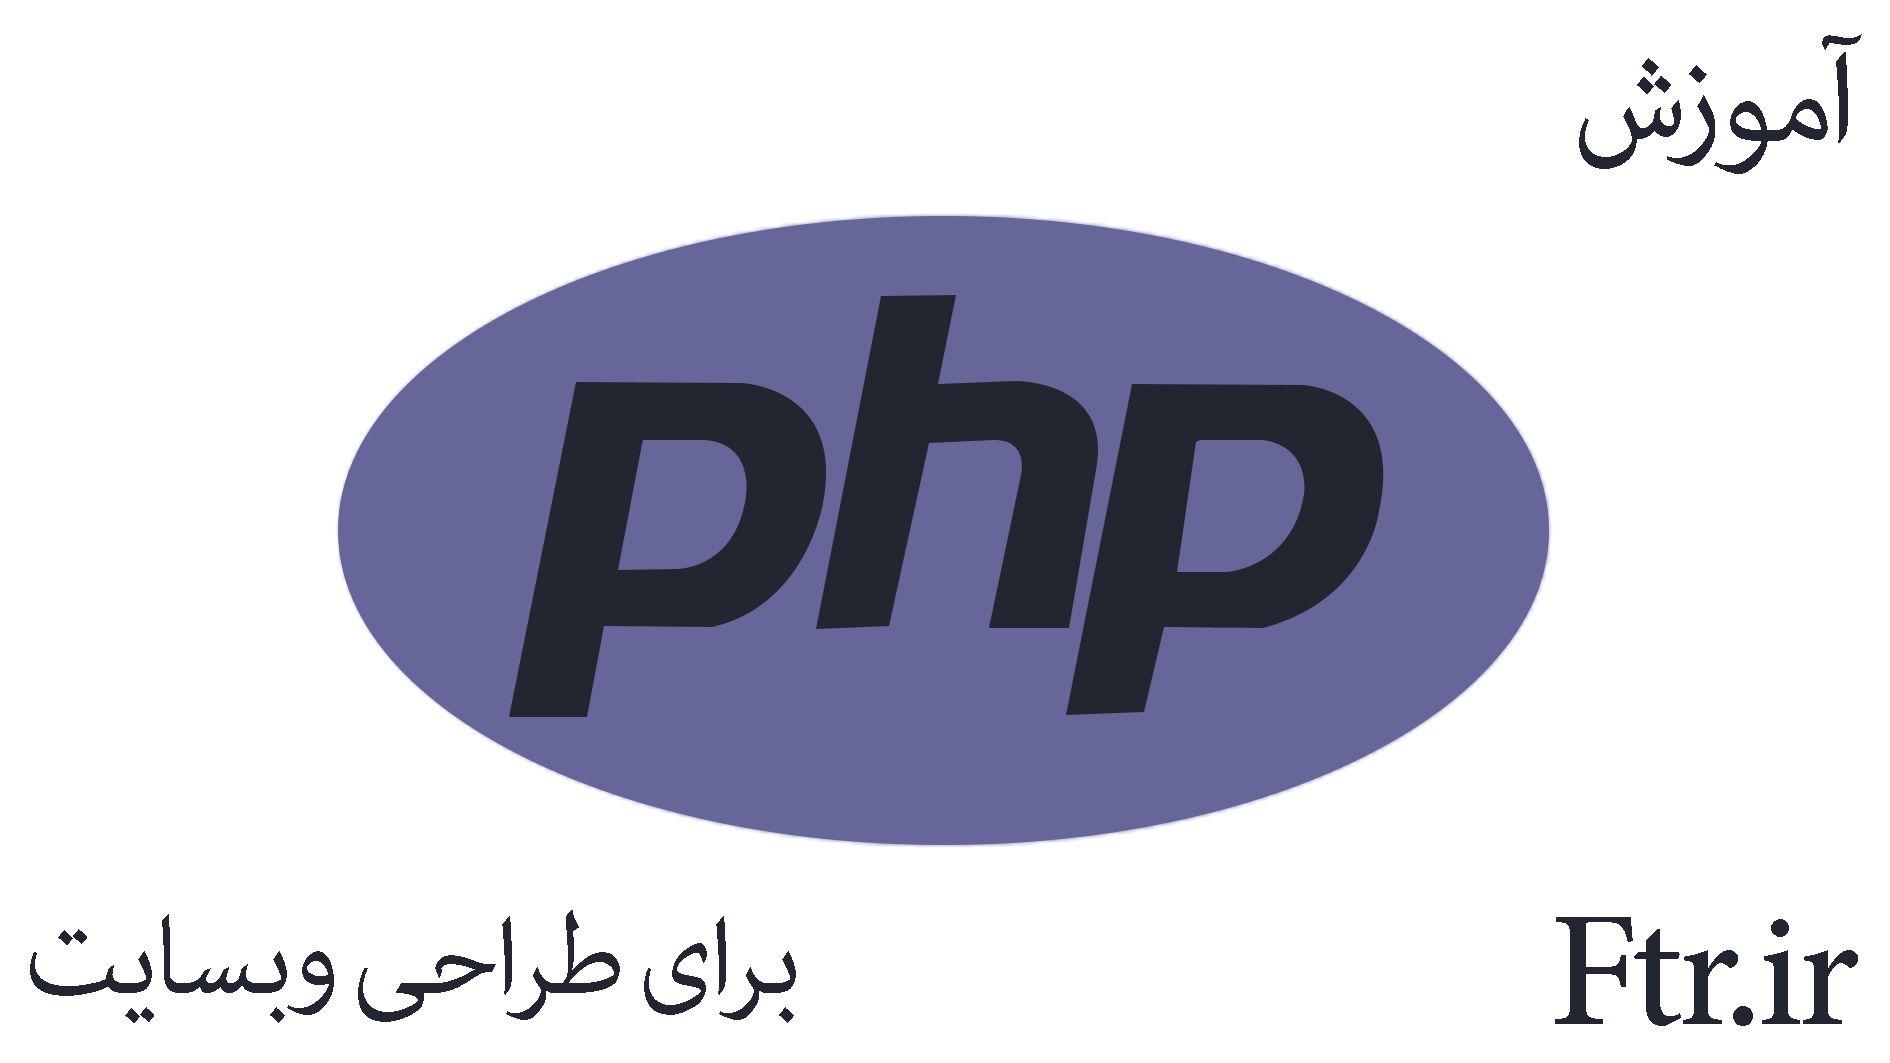 آموزش PHP جلسه هفتم